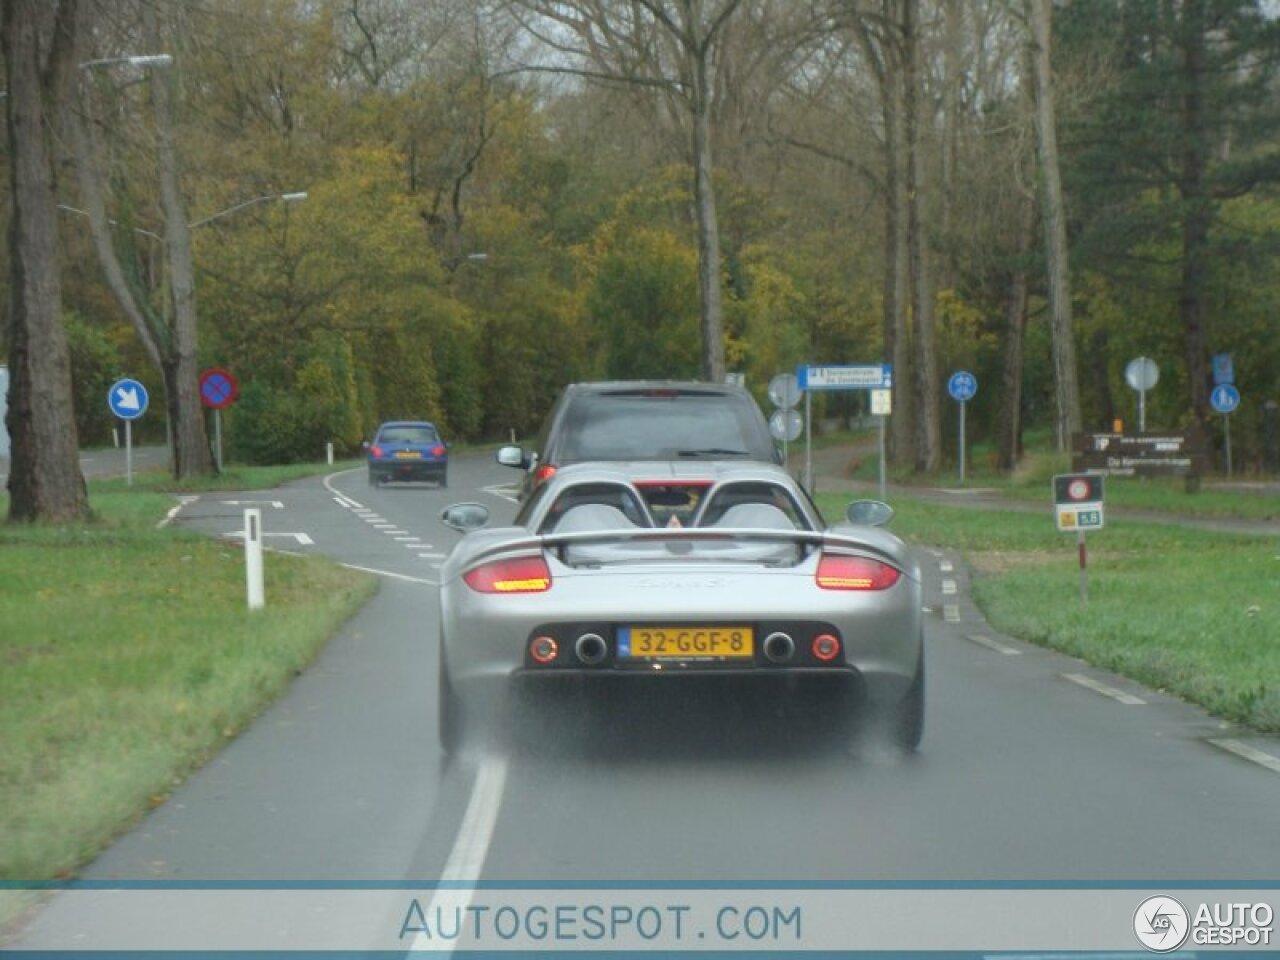 Vandaag tien jaar geleden: Porsche Carrera GT in Overveen